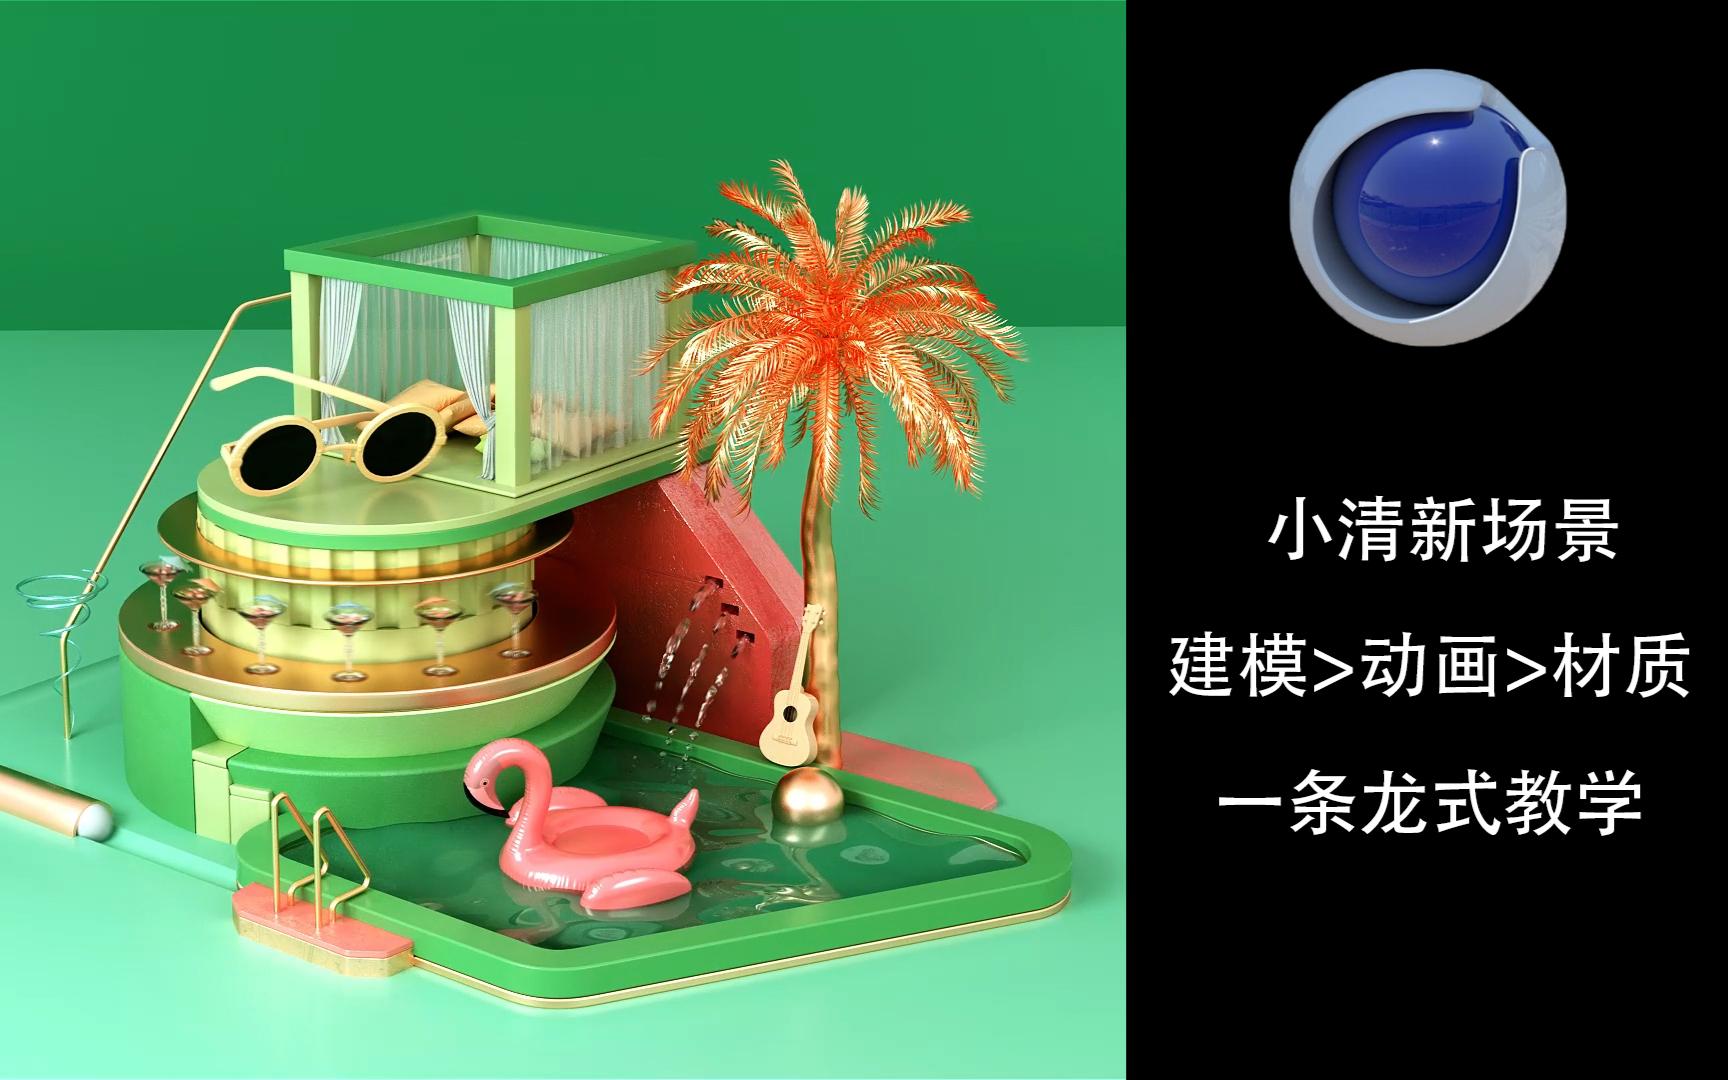 【C4D案例教学】清新场景建模+动画+材质渲染一条龙教学